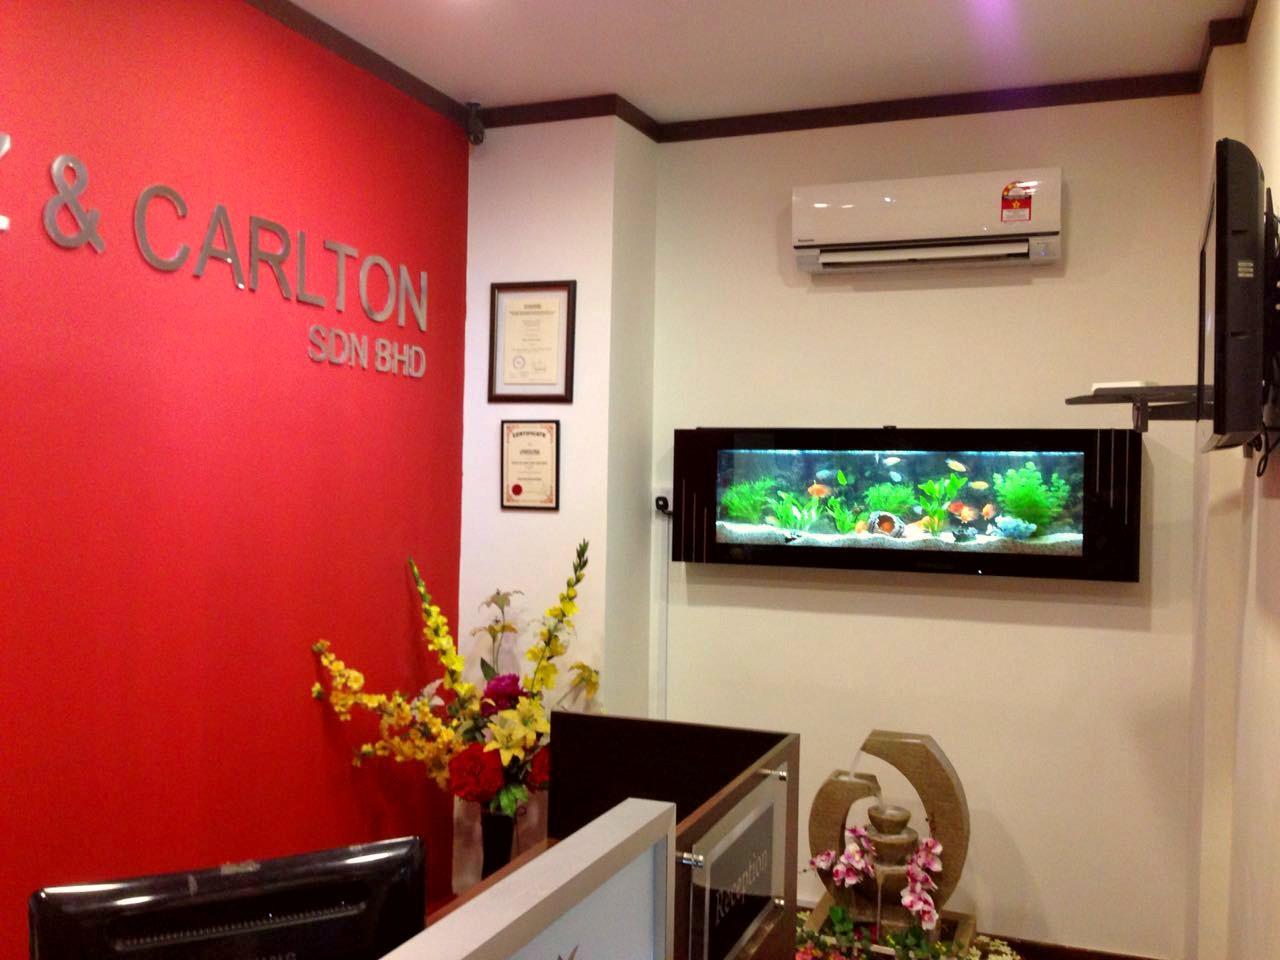 Benz & Carlton